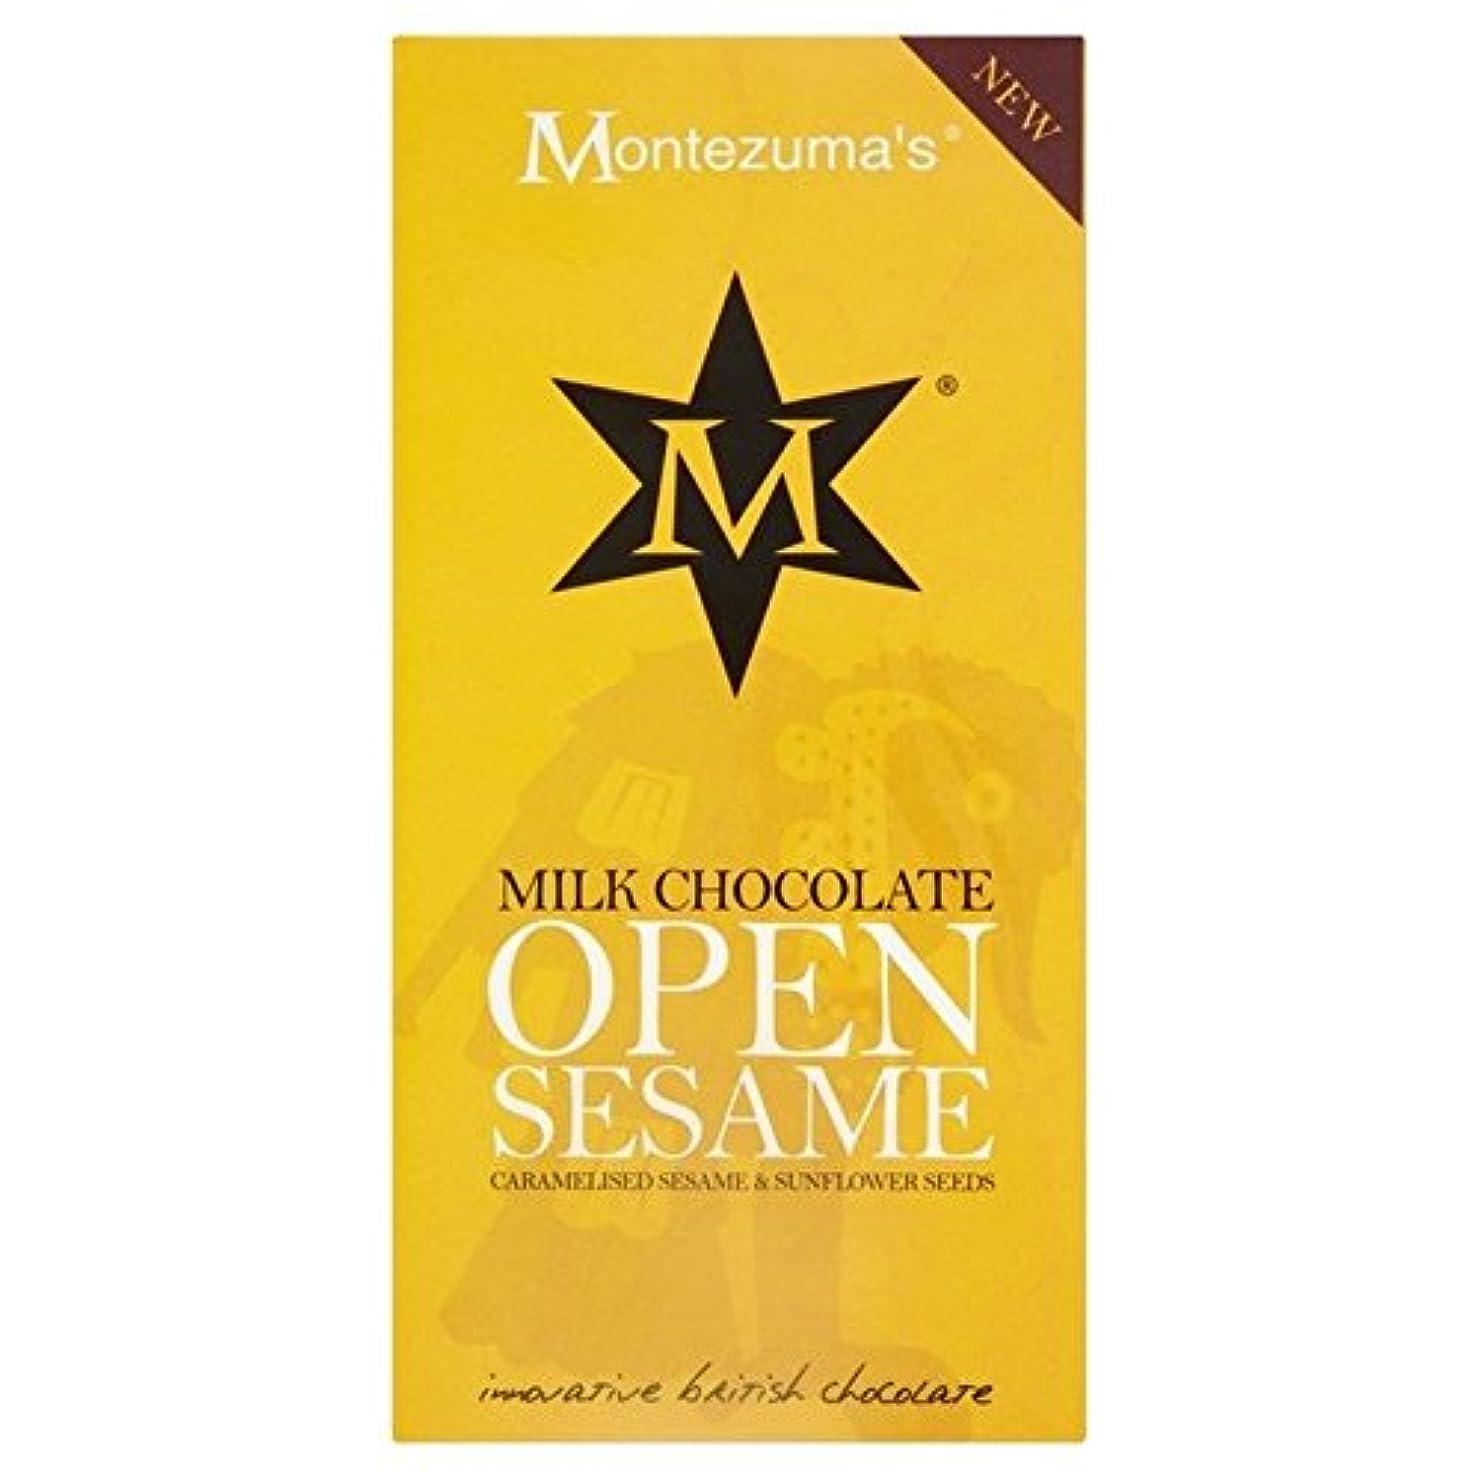 ホイップ提案ジェムゴマ&ヒマワリ種子バー100グラムとモンテスマのミルク (x 2) - Montezuma's Milk with Sesame & Sunflower Seeds Bar 100g (Pack of 2) [並行輸入品]